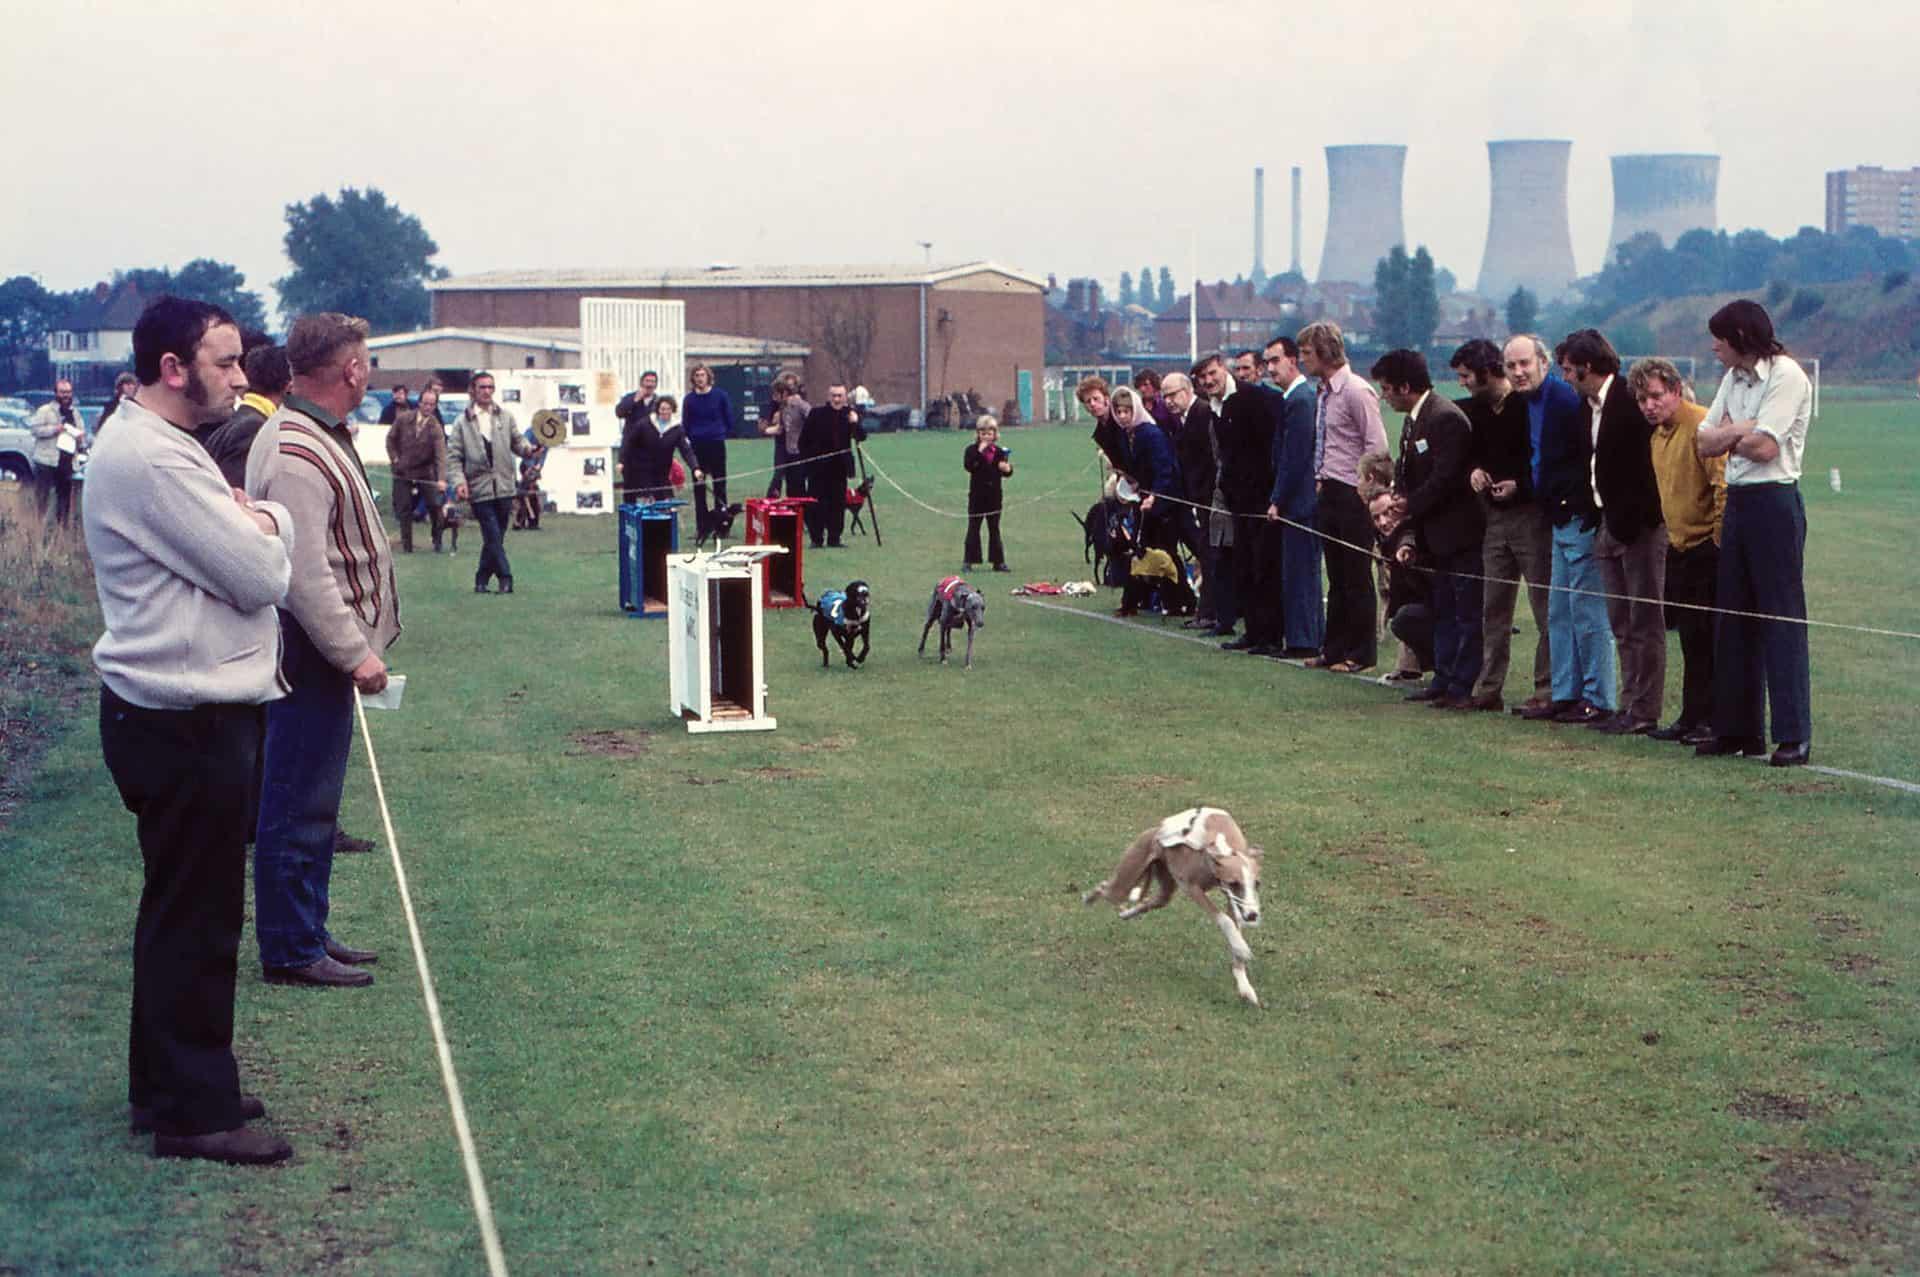 Whippet racing at the Tipton Sports Union, Gospel Oak, Tipton,